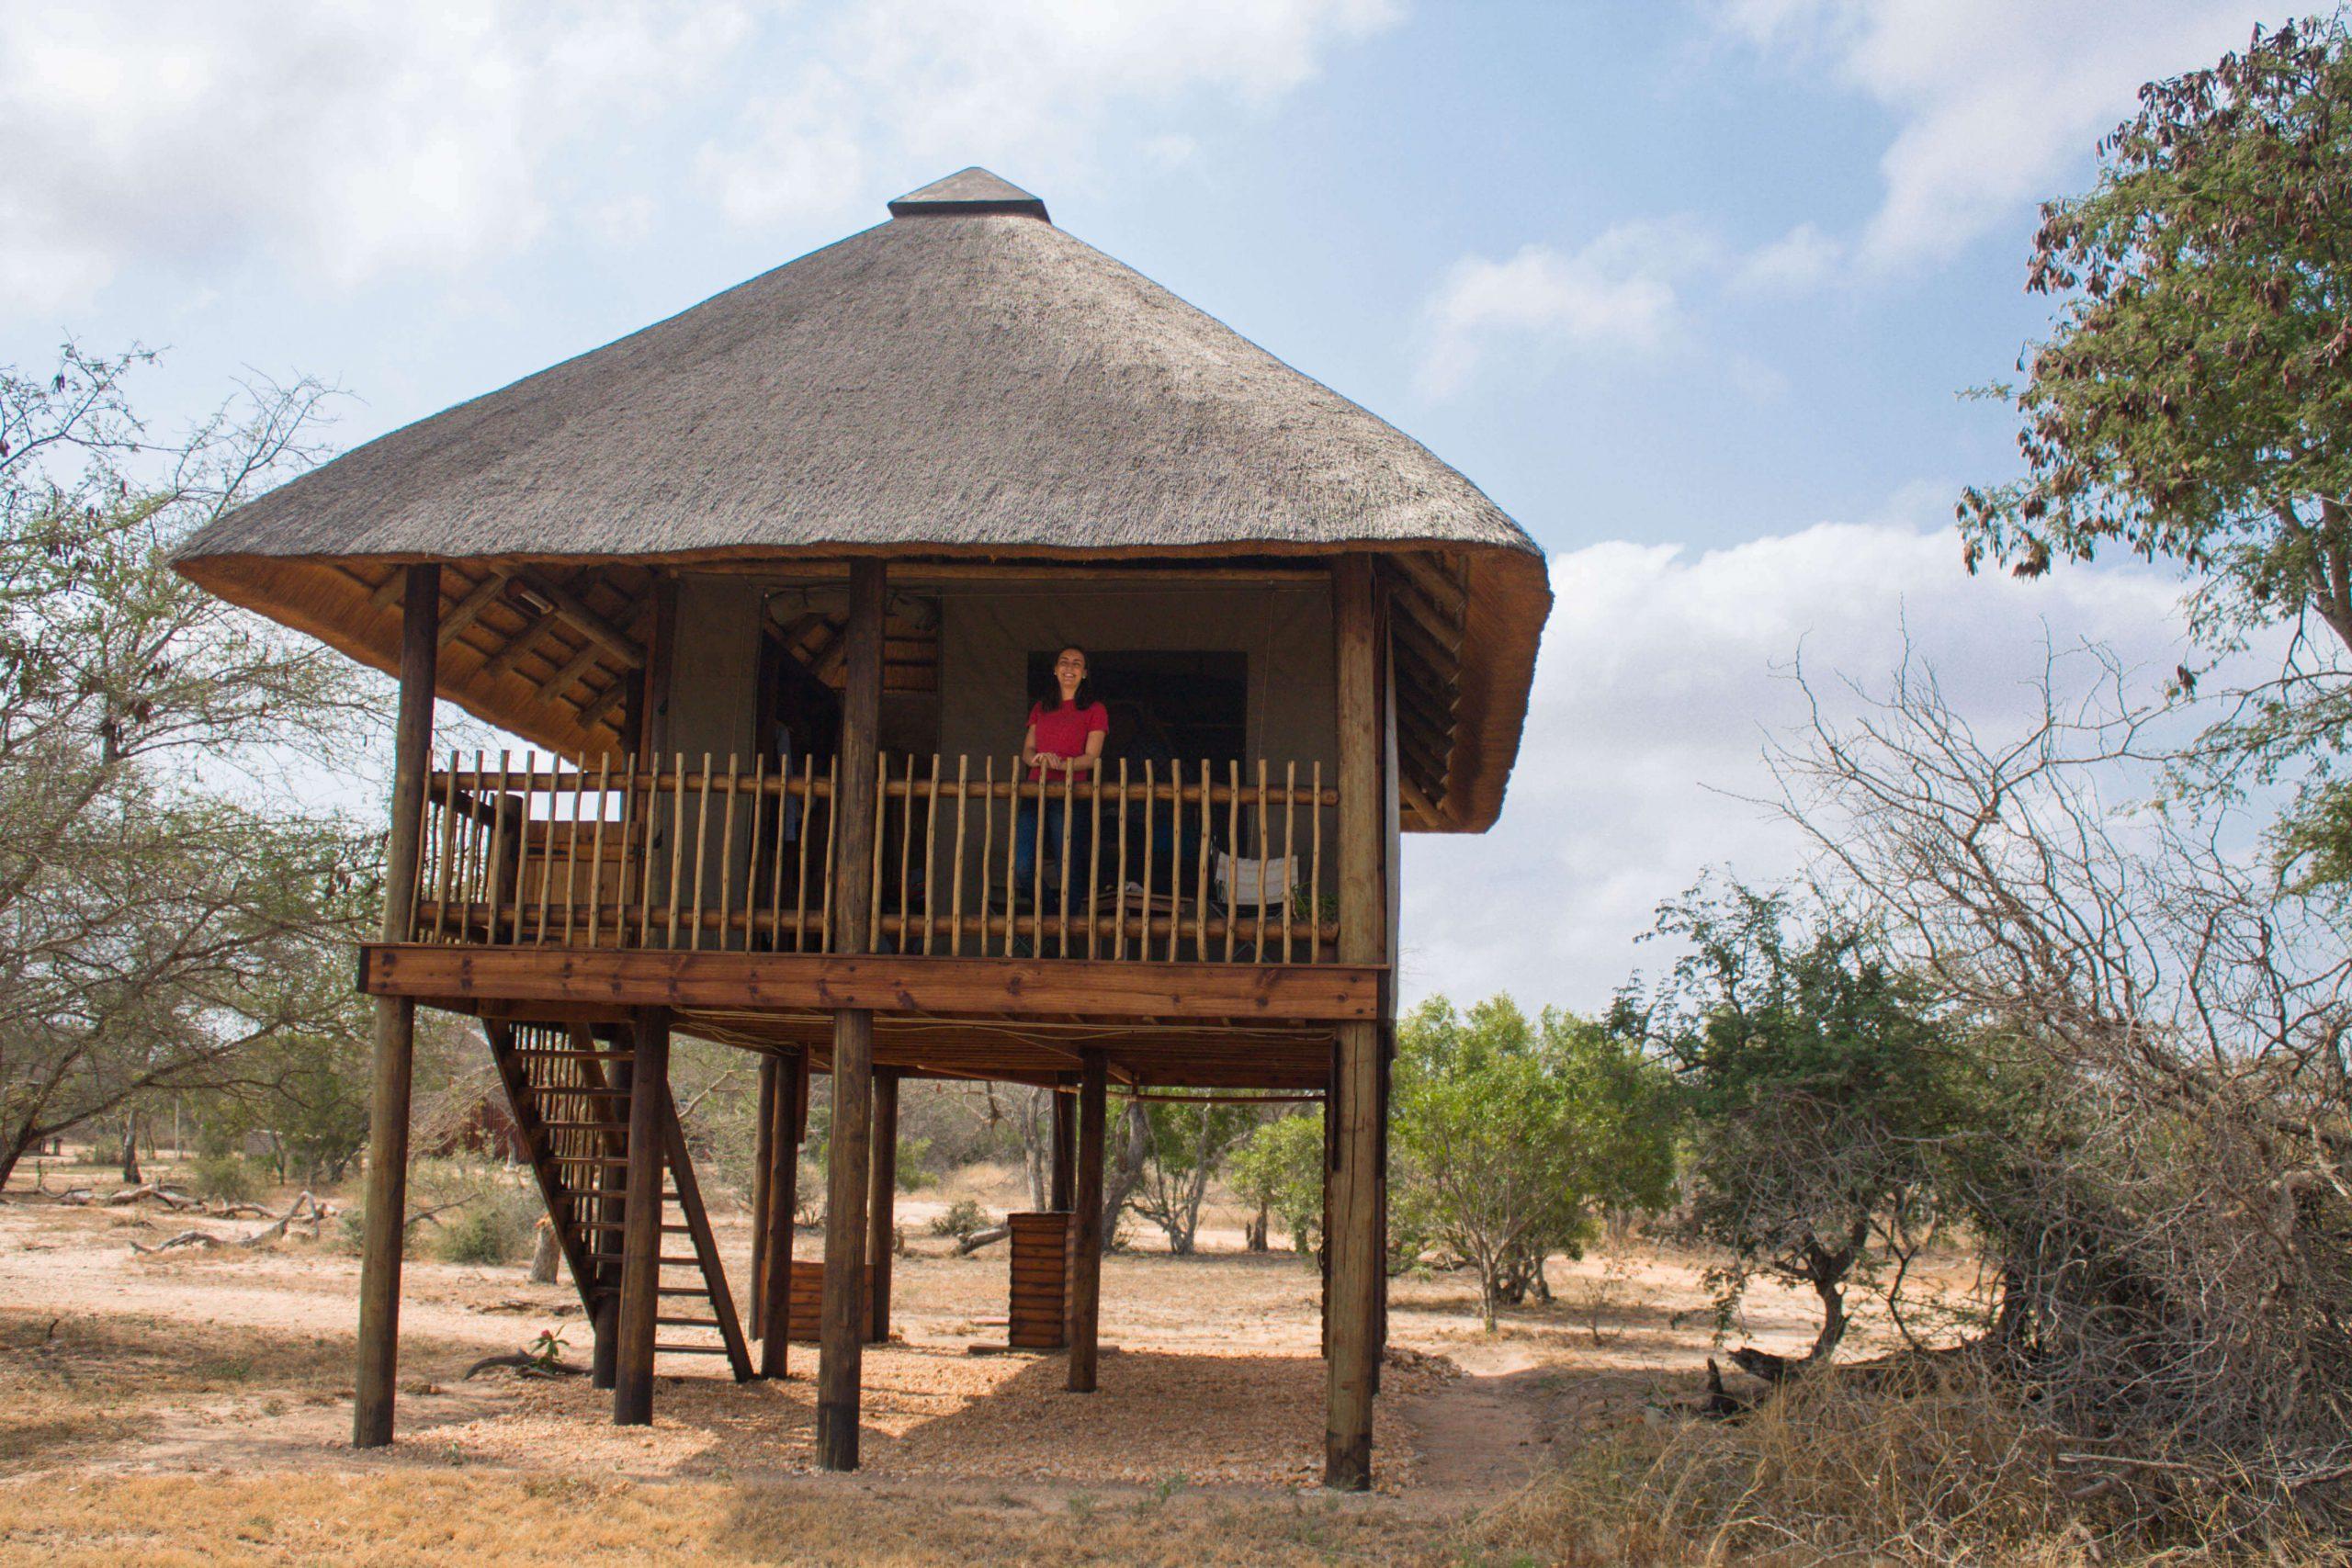 Nthambo Tree Camp: casa als arbres al parc nacional Kruger, Sud-Àfrica